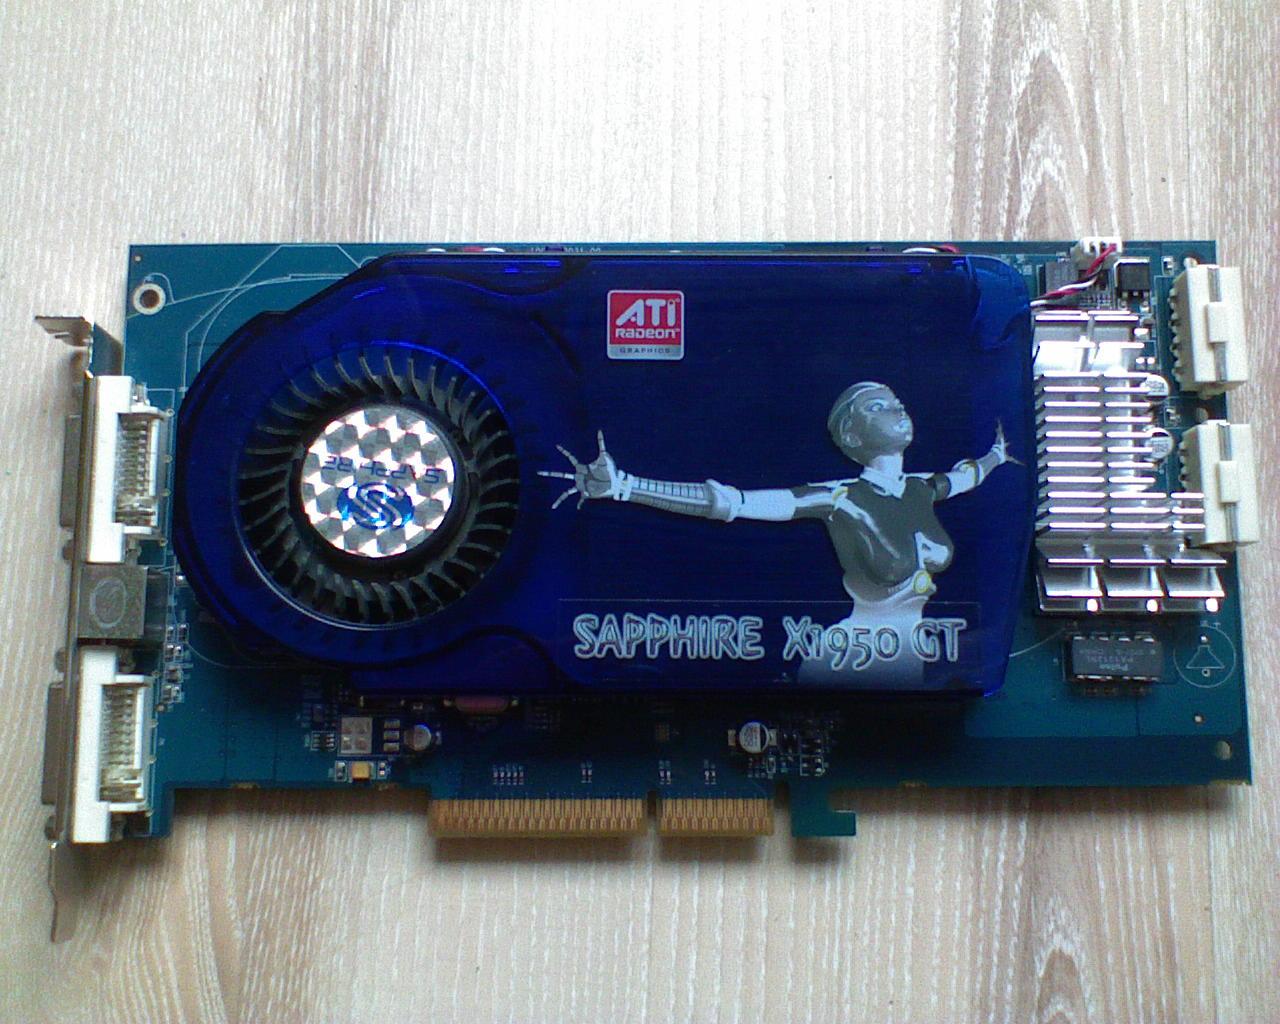 [Sprzedam] Wydajniejszy od 7600GT - Radeon X1950GT OC do wersji PRO z Gwarancj�!